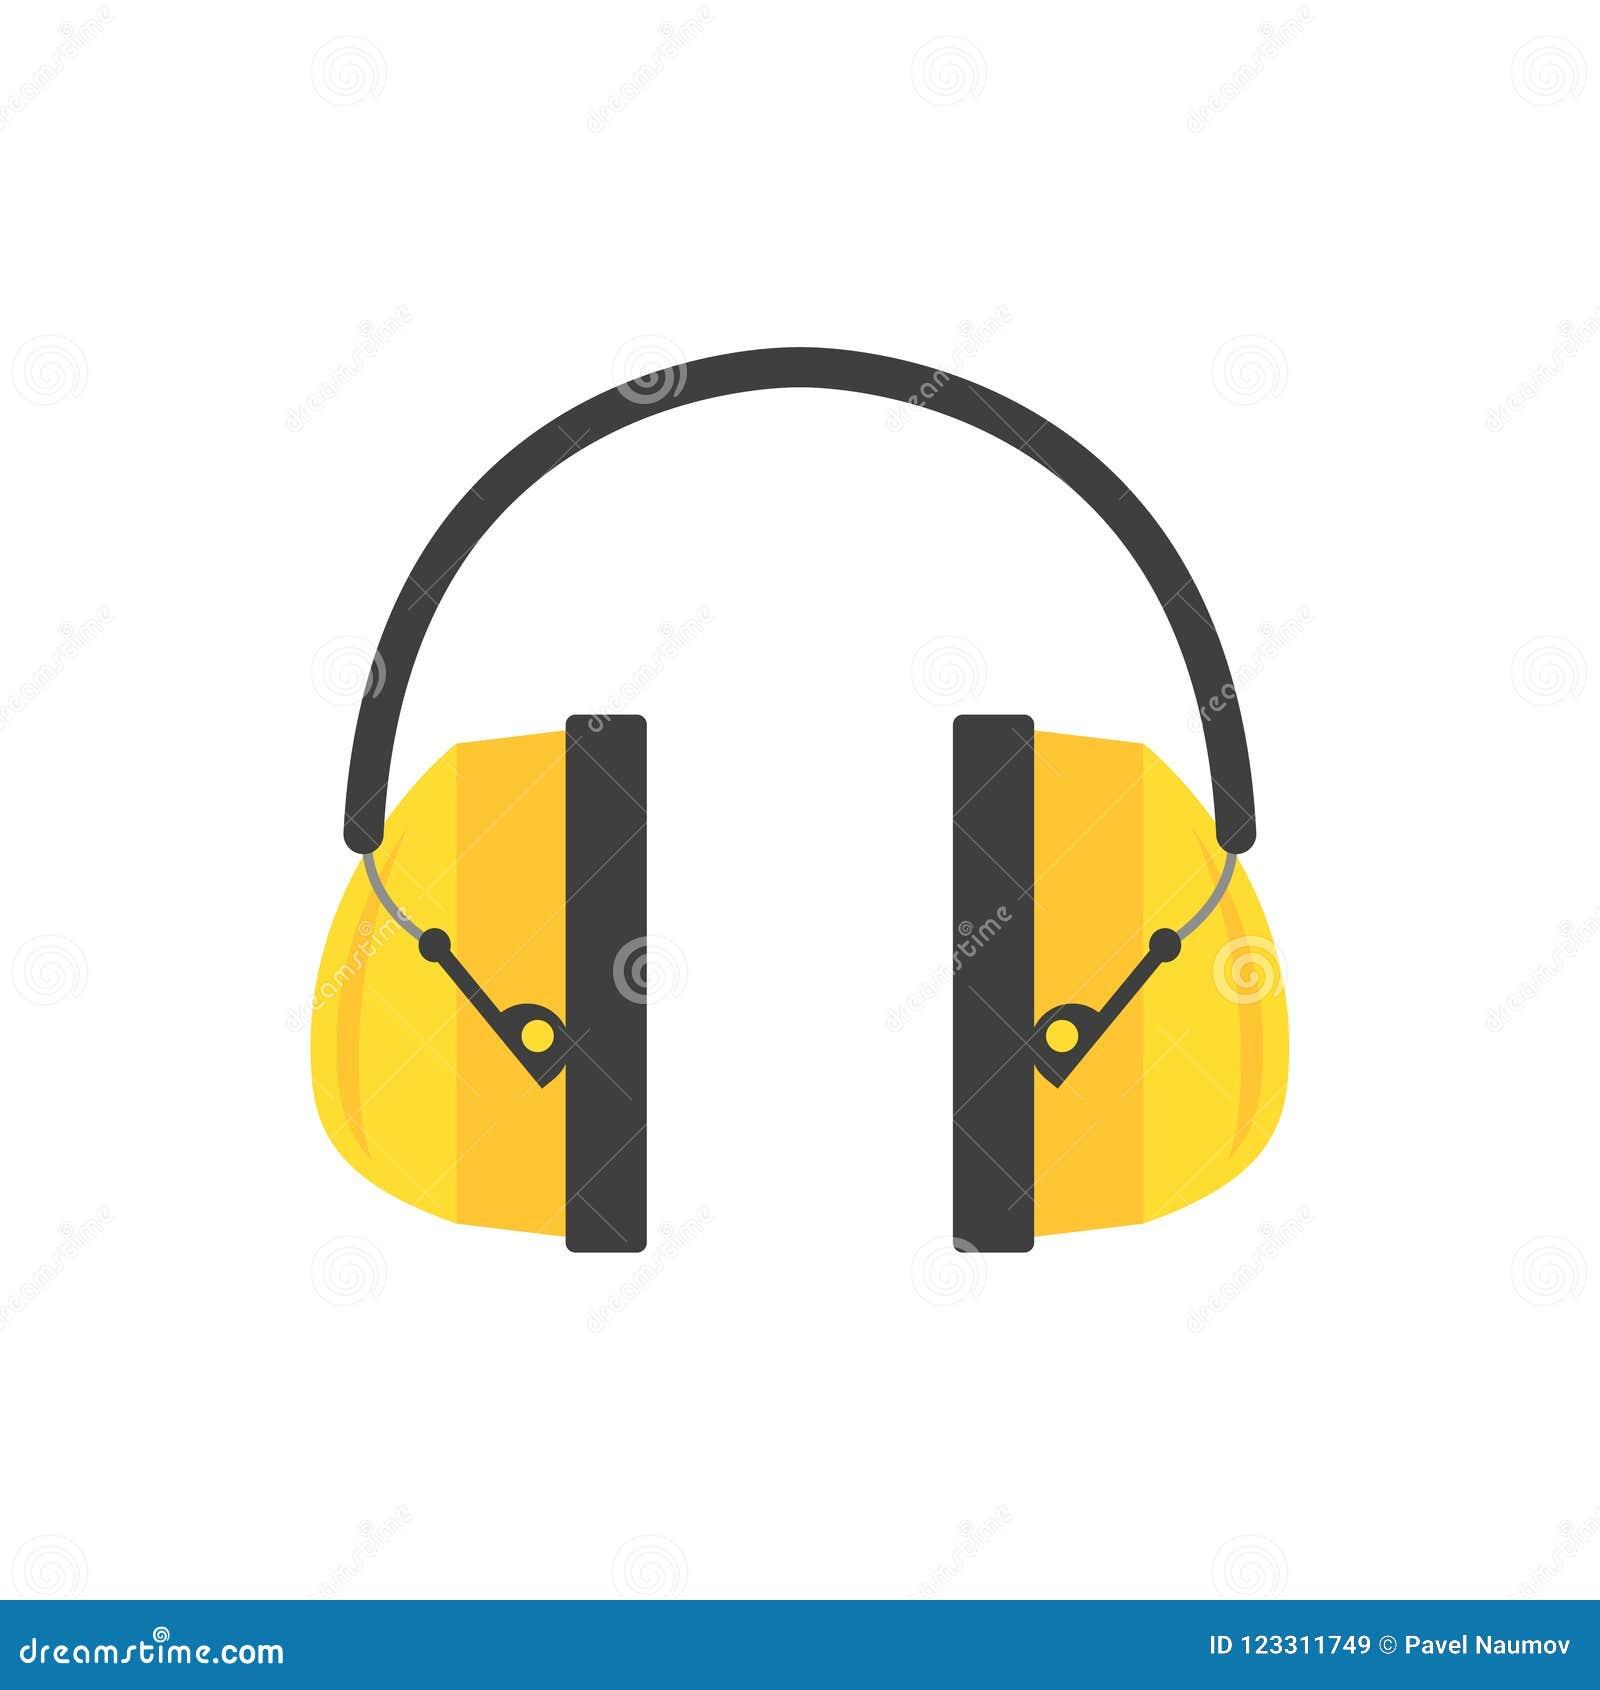 Schützende Ohrmuffen Gelbe Kopfhörer für Bauarbeiter Berufsausrüstung zur Hörensicherheit Flacher Vektor